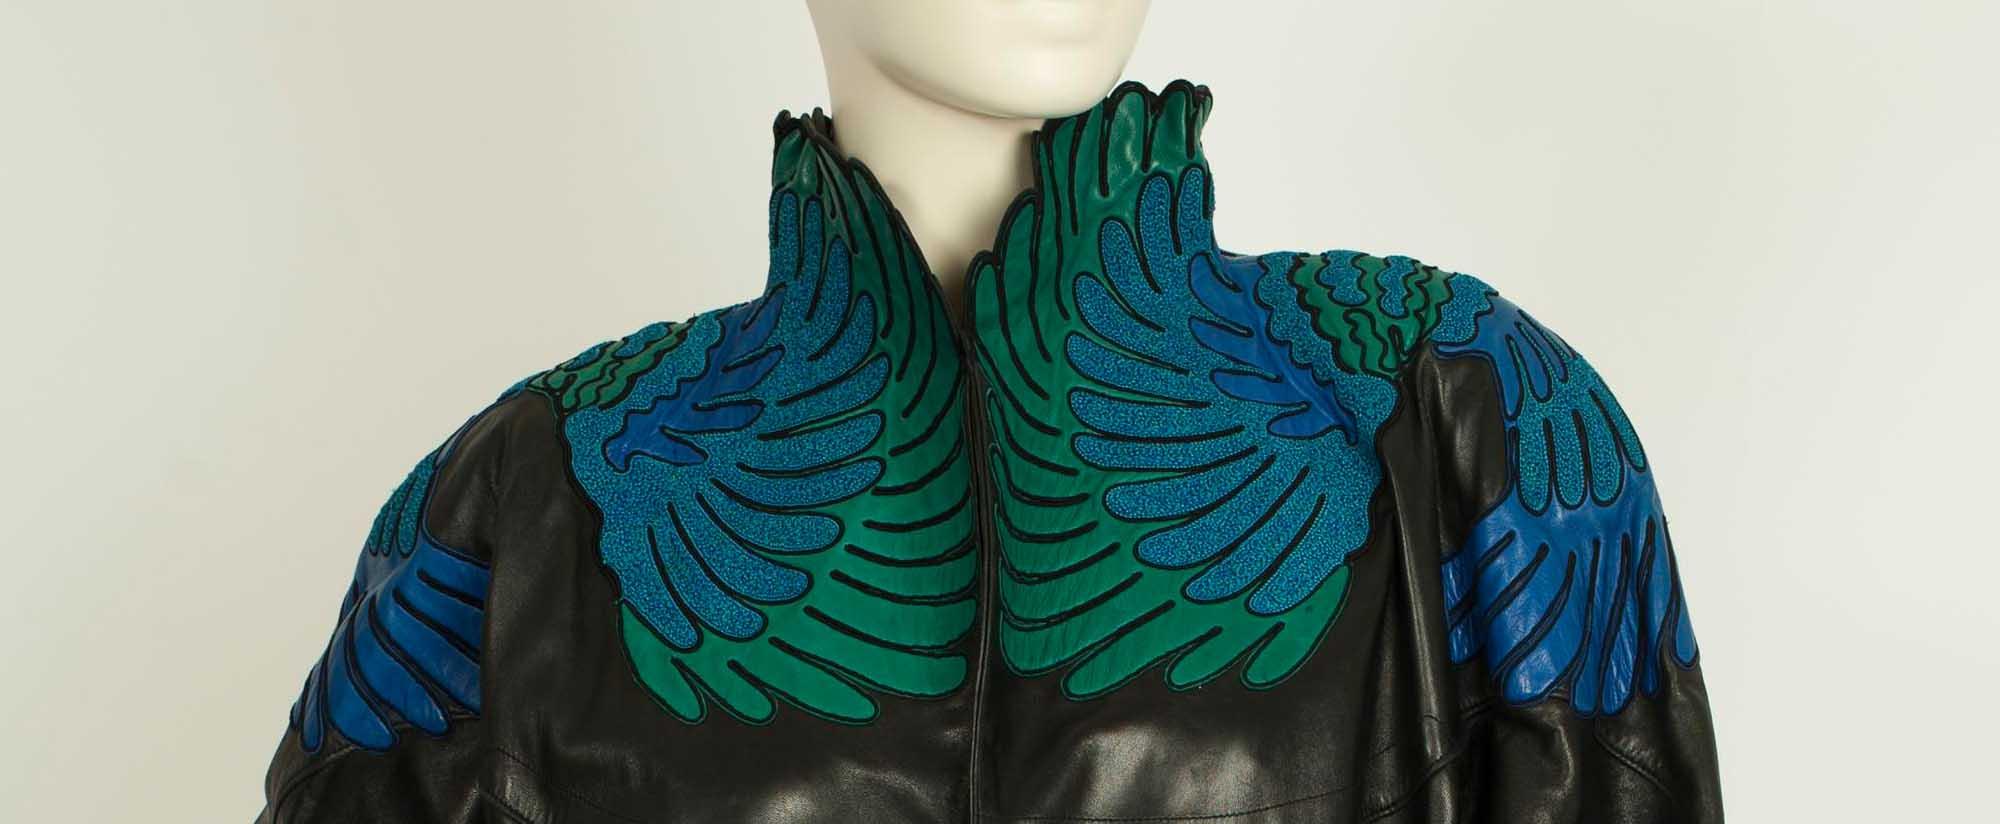 אופנה, חליפת עור ז'אן-קלוד ז'יטרואה לאוסף שנקר. צילום לי ברבו